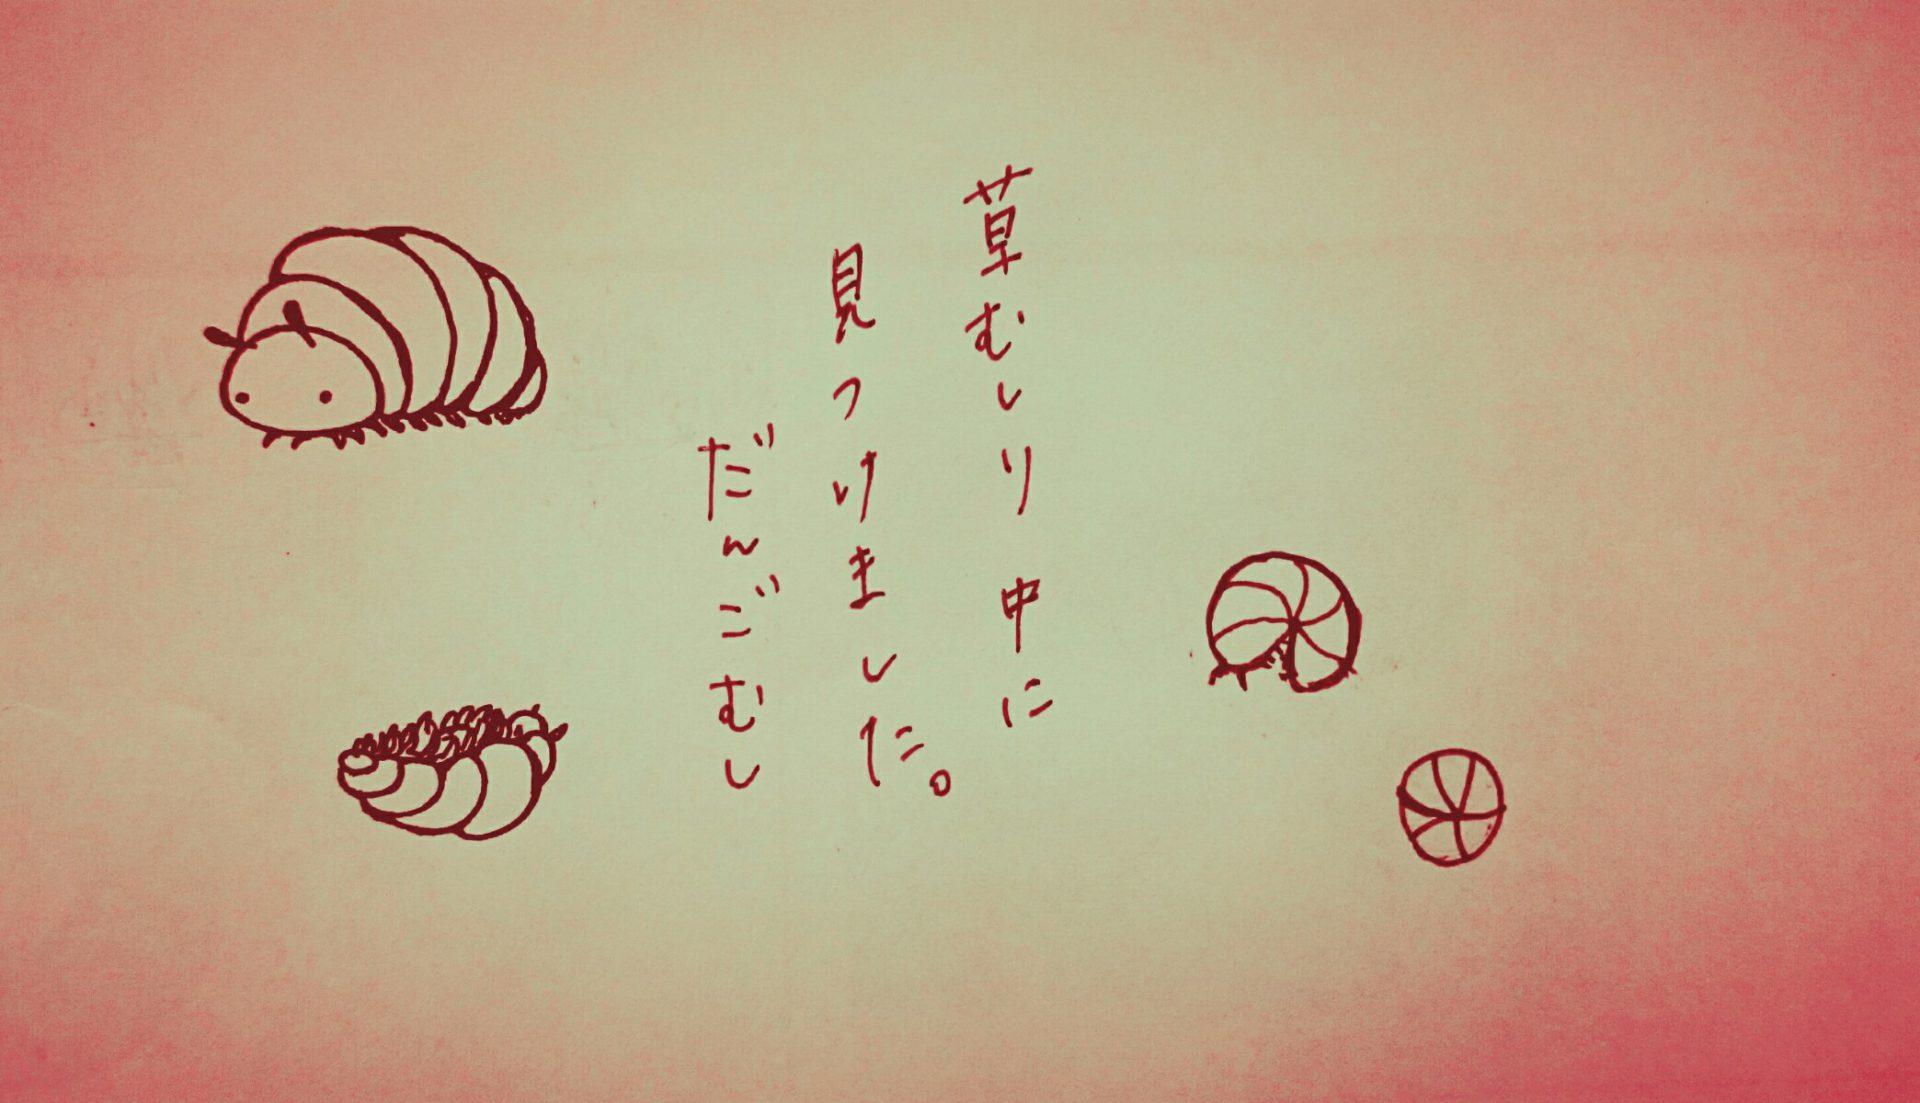 大の葬祭 想いのメモ帳(のつ)2018/4/13